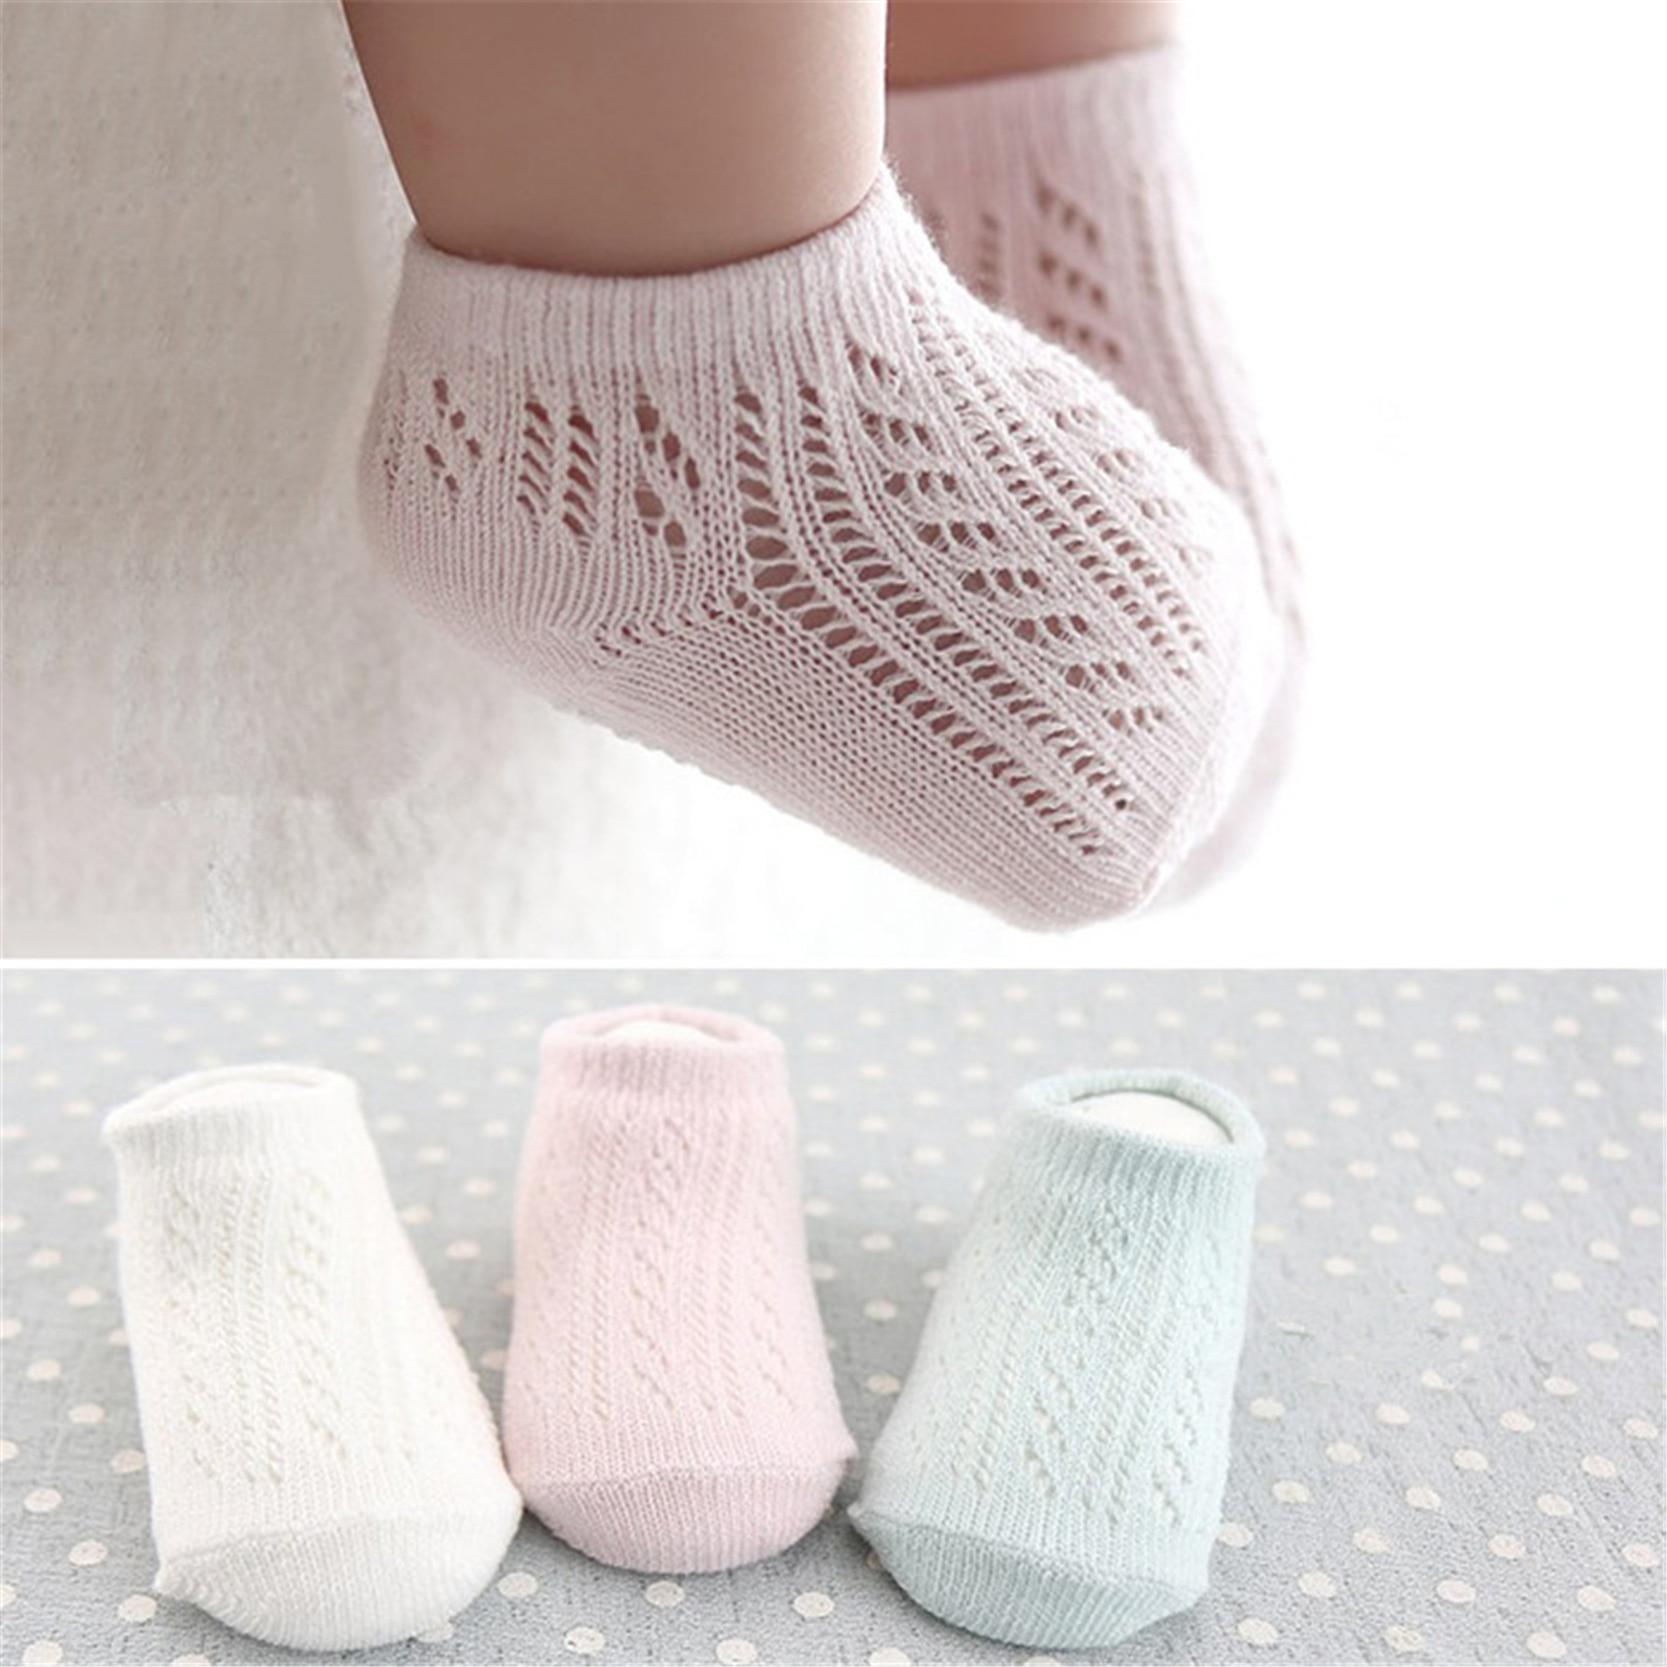 Tavaszi nyári hálós zokni újszülött Unisex gyerek gyerekek csecsemő kisfiú rövid zokni